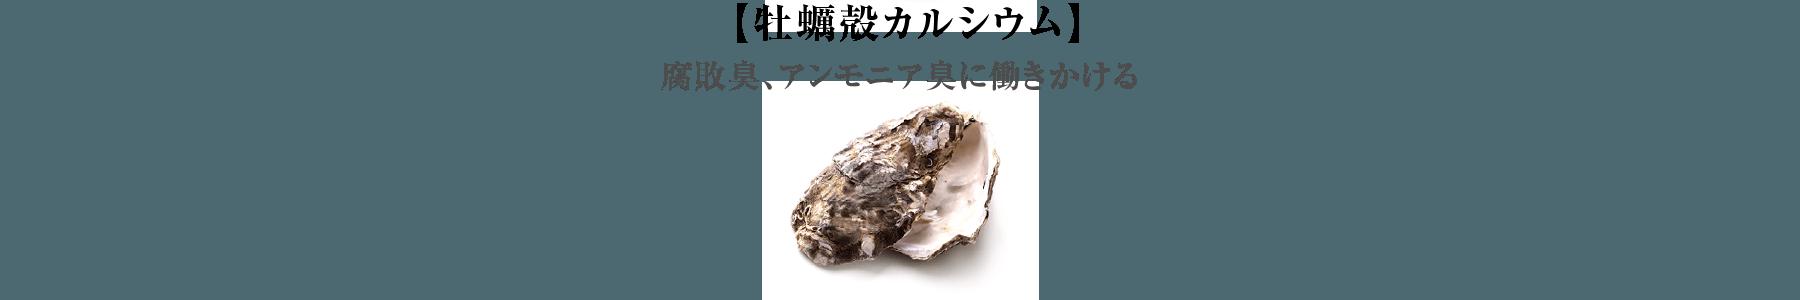 【牡蠣殻カルシウム】腐敗臭、アンモニア臭に働きかける